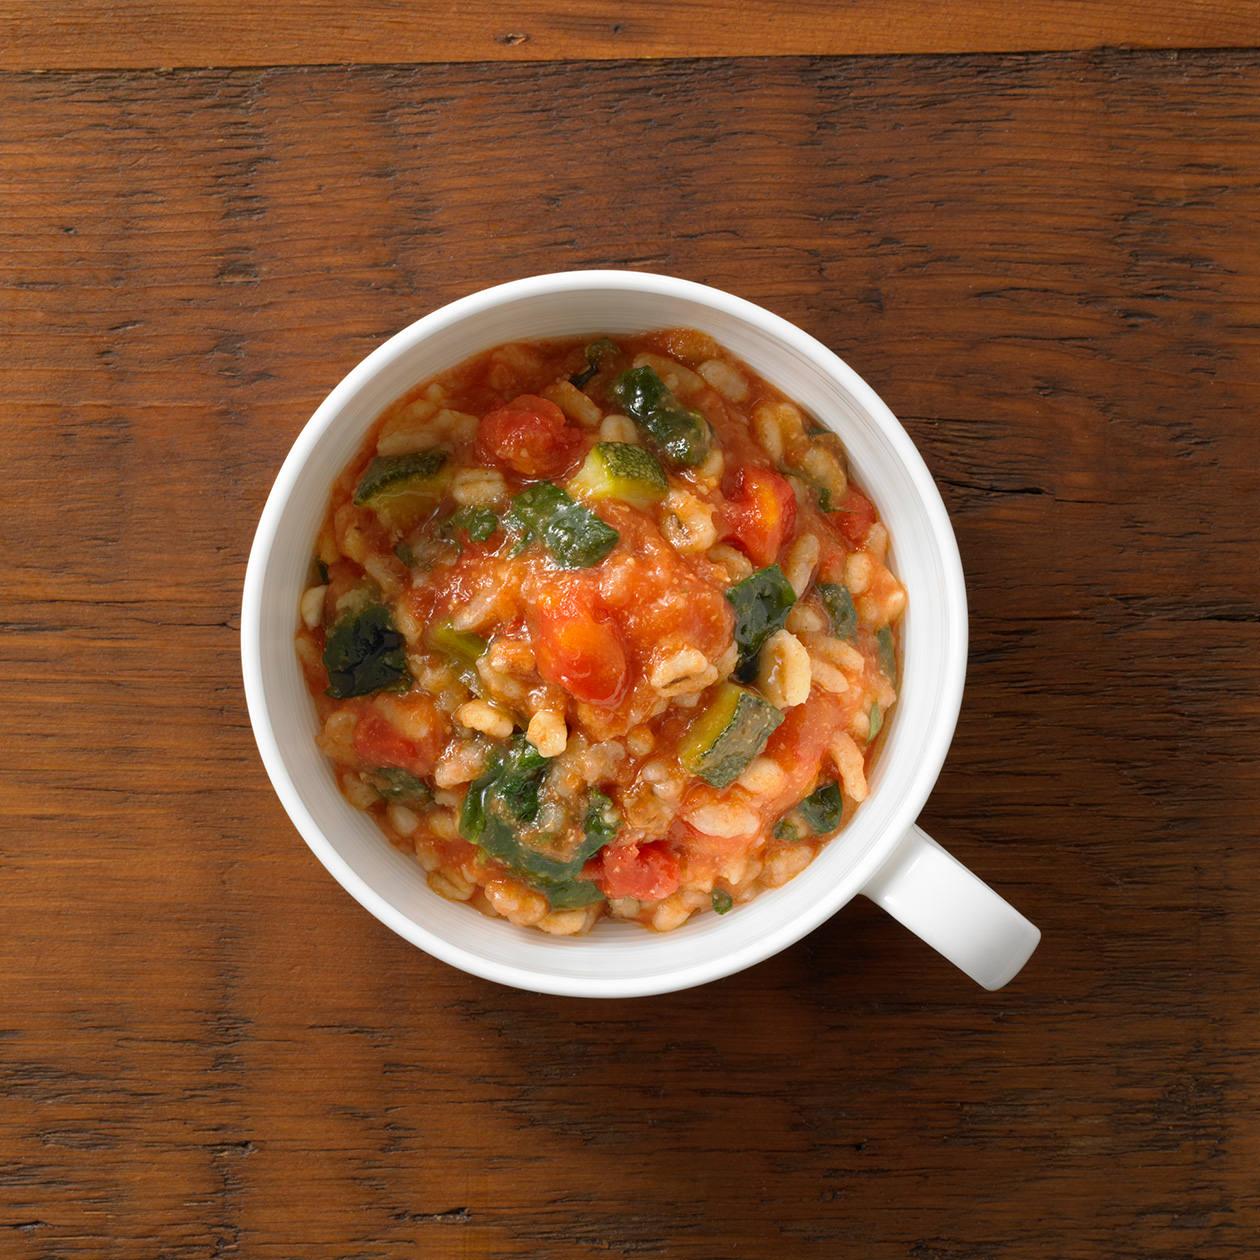 小さめごはん グリーン野菜のトマトリゾット